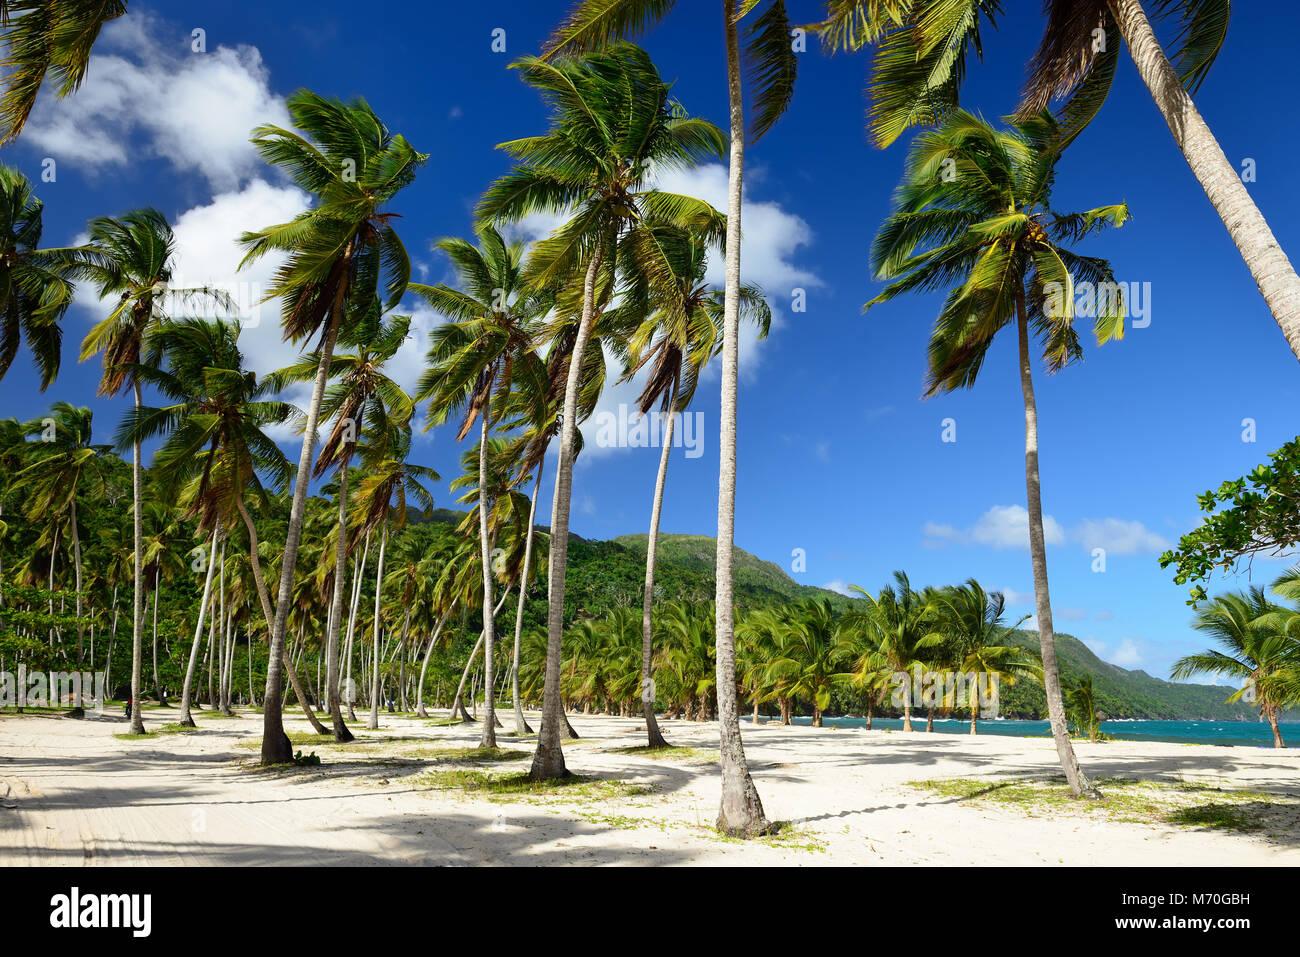 La spiaggia di Rincon su Repubblica Dominicana. Immagini Stock